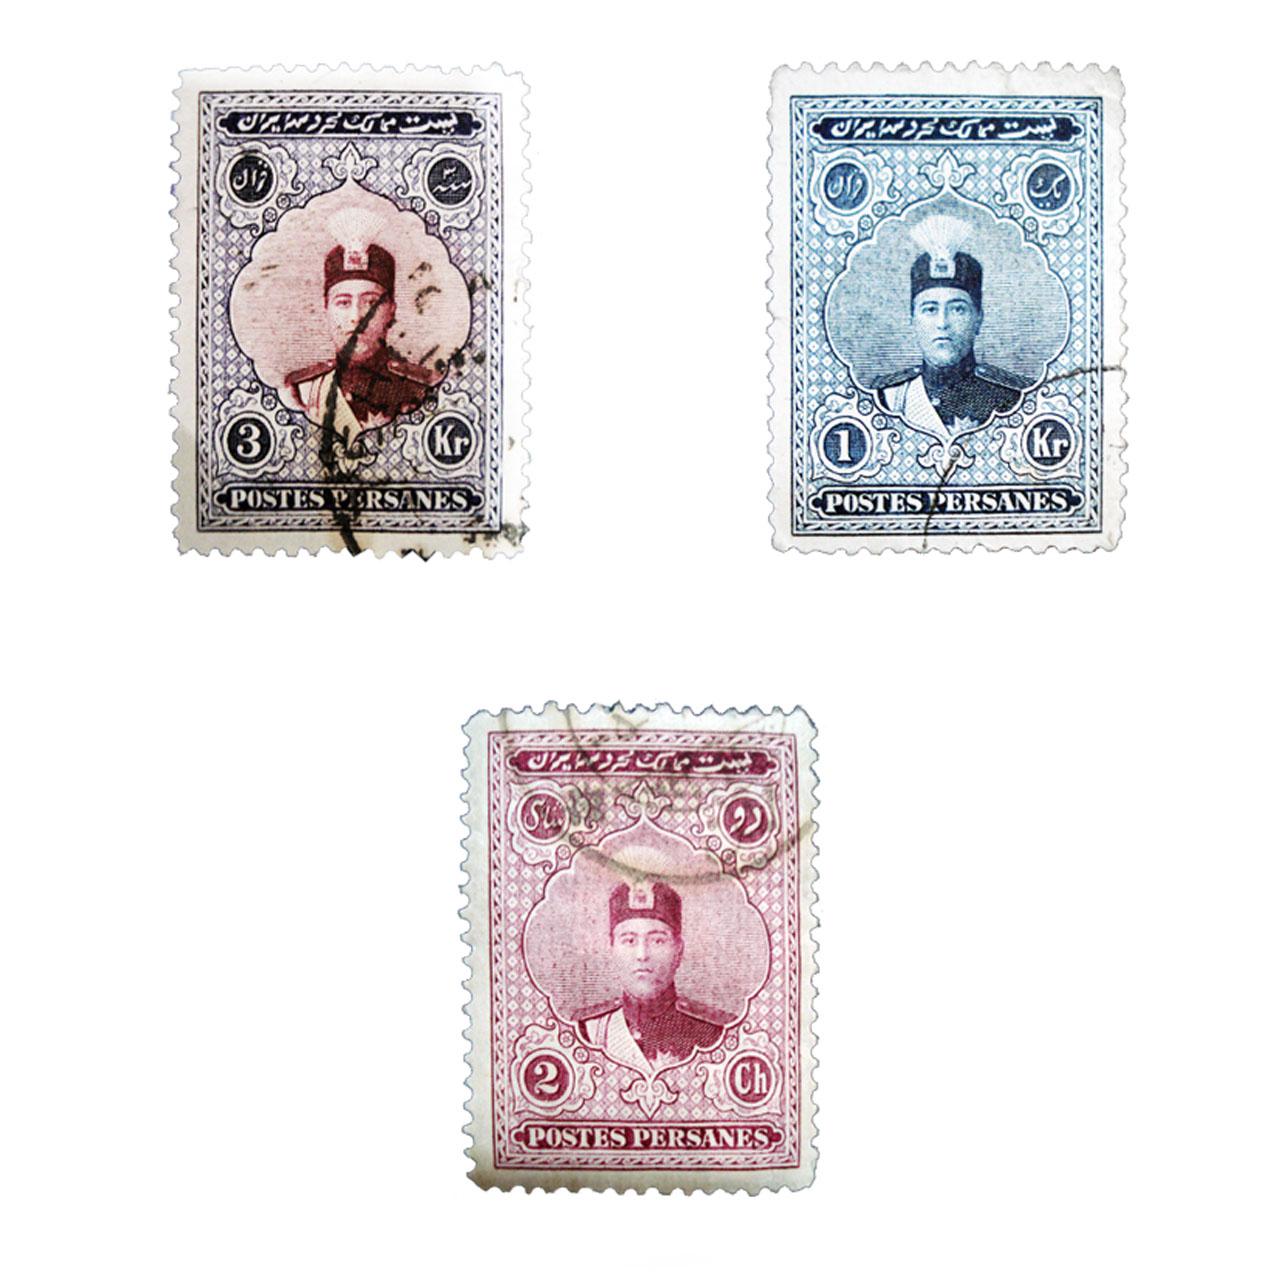 تمبر یادگاری مدل قاجار احمدی کد 3ahb42 مجموعه 3 عددی